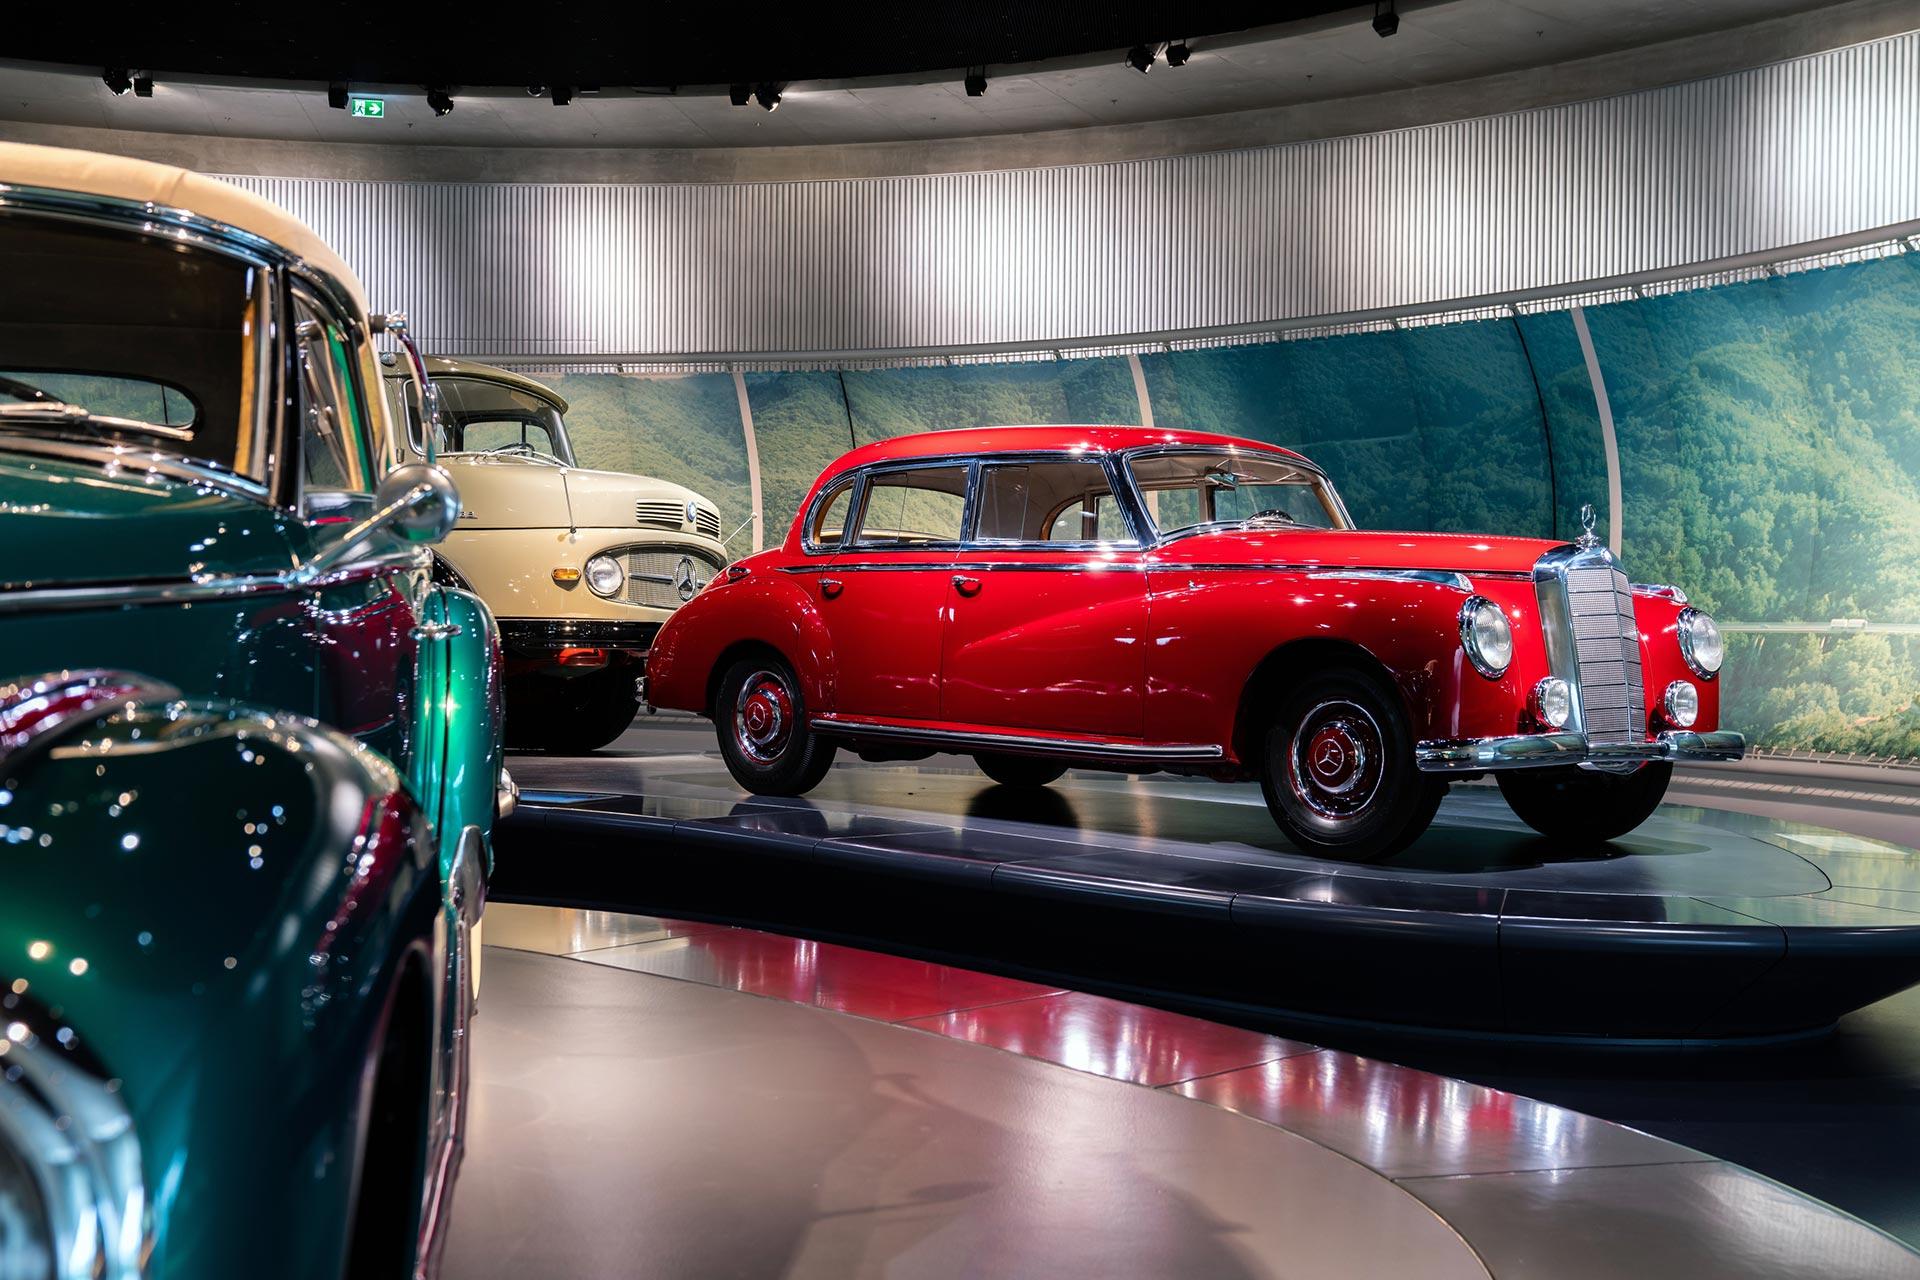 Mercedes-Benz 300 (W 186). Foto aus dem Mercedes-Benz Museum in Stuttgart.